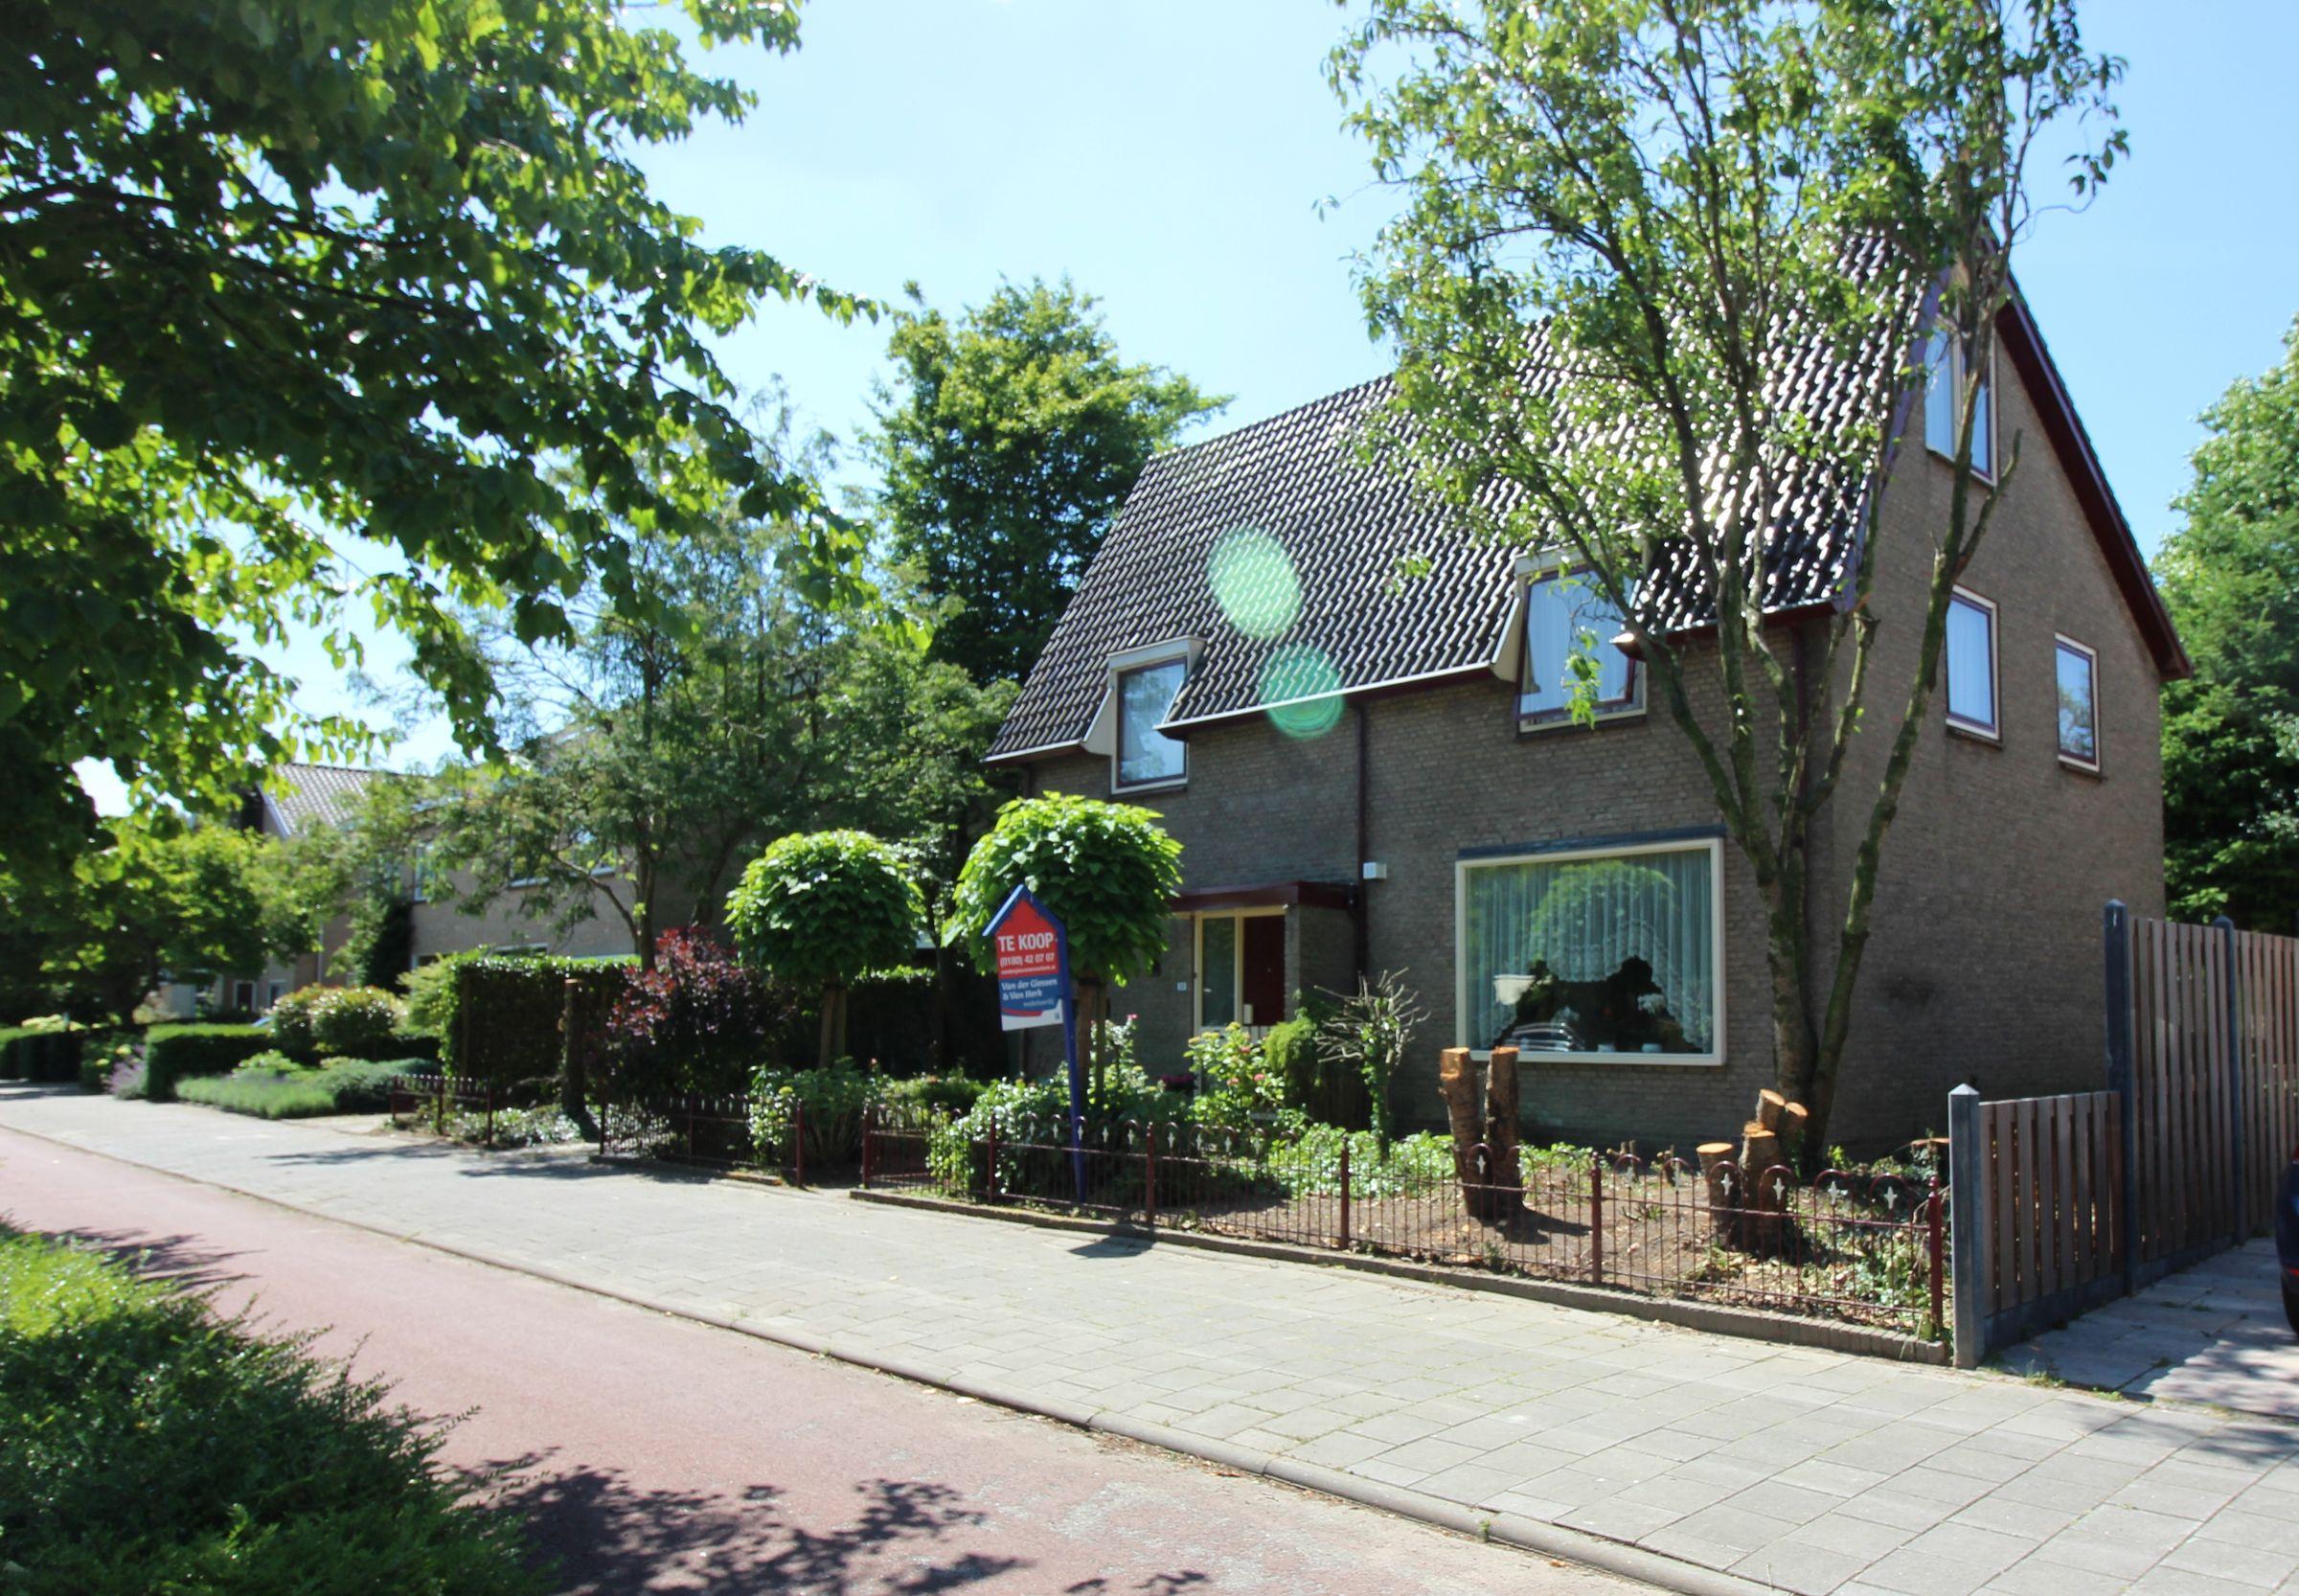 Burgemeester de Zeeuwstraat 33, Ridderkerk